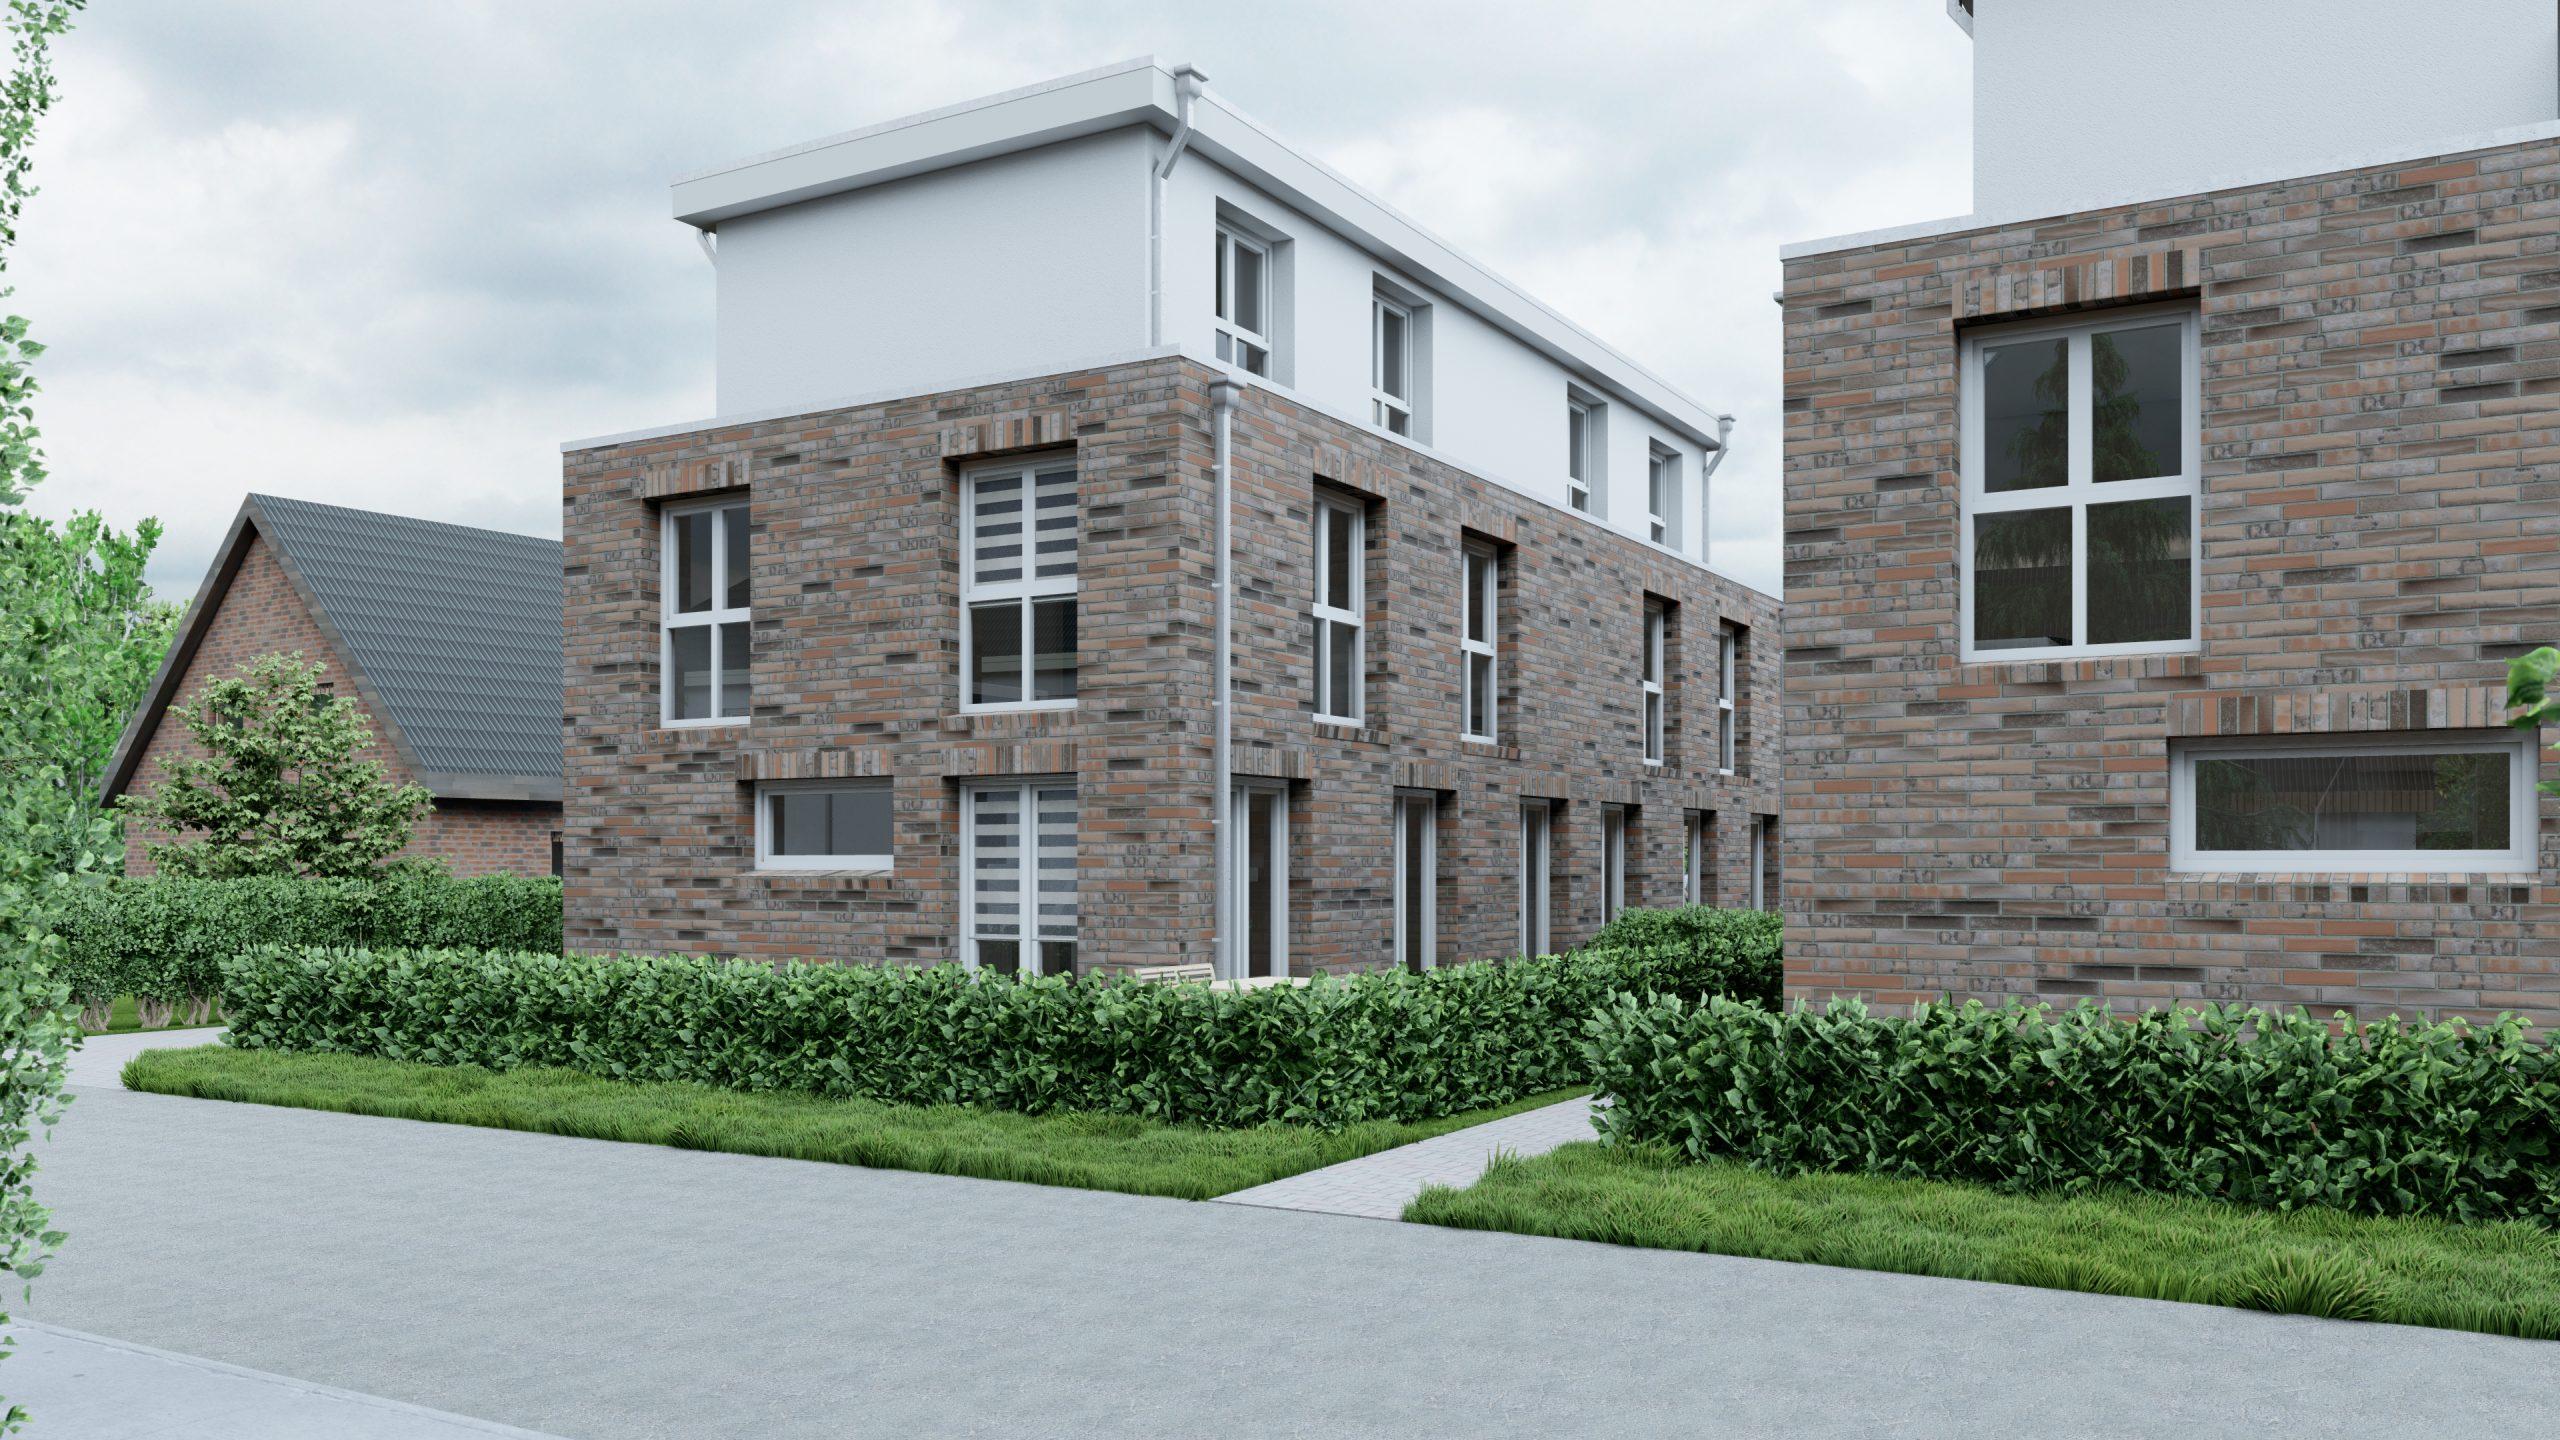 Doppelhaushälfte in ruhigem Wohngebiet in Hamburg-Billstedt (DHH 1) - 416-1-Titel